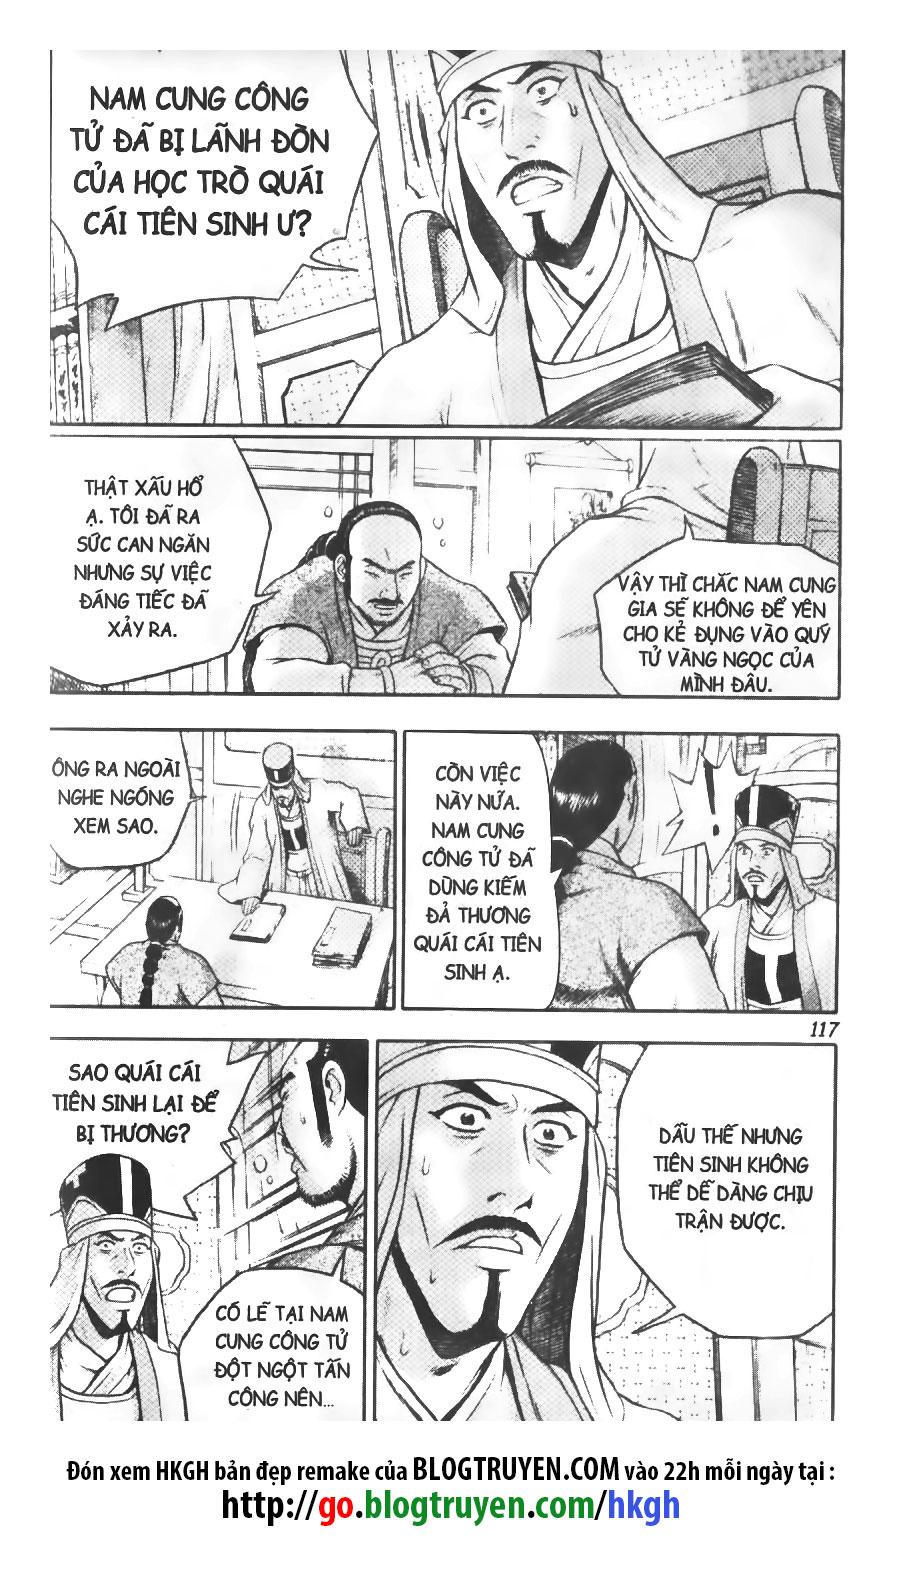 xem truyen moi - Hiệp Khách Giang Hồ Vol45 - Chap 313 - Remake